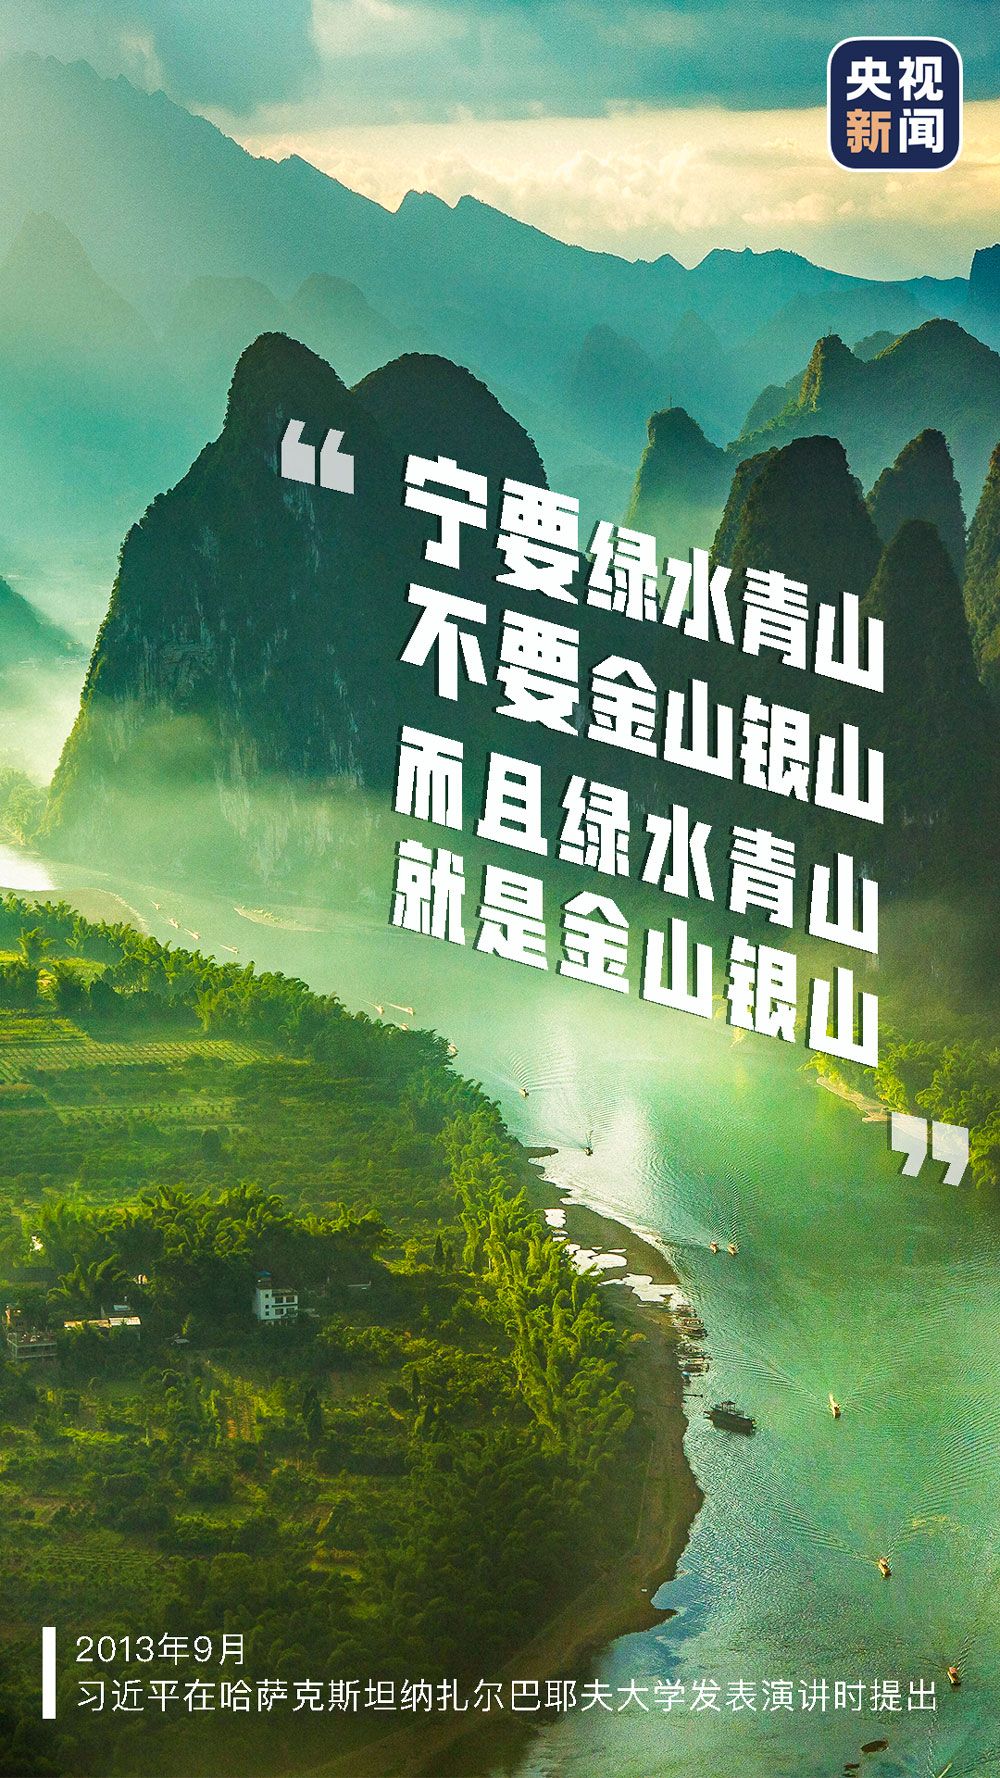 习近平:保护生态就是发展生产力